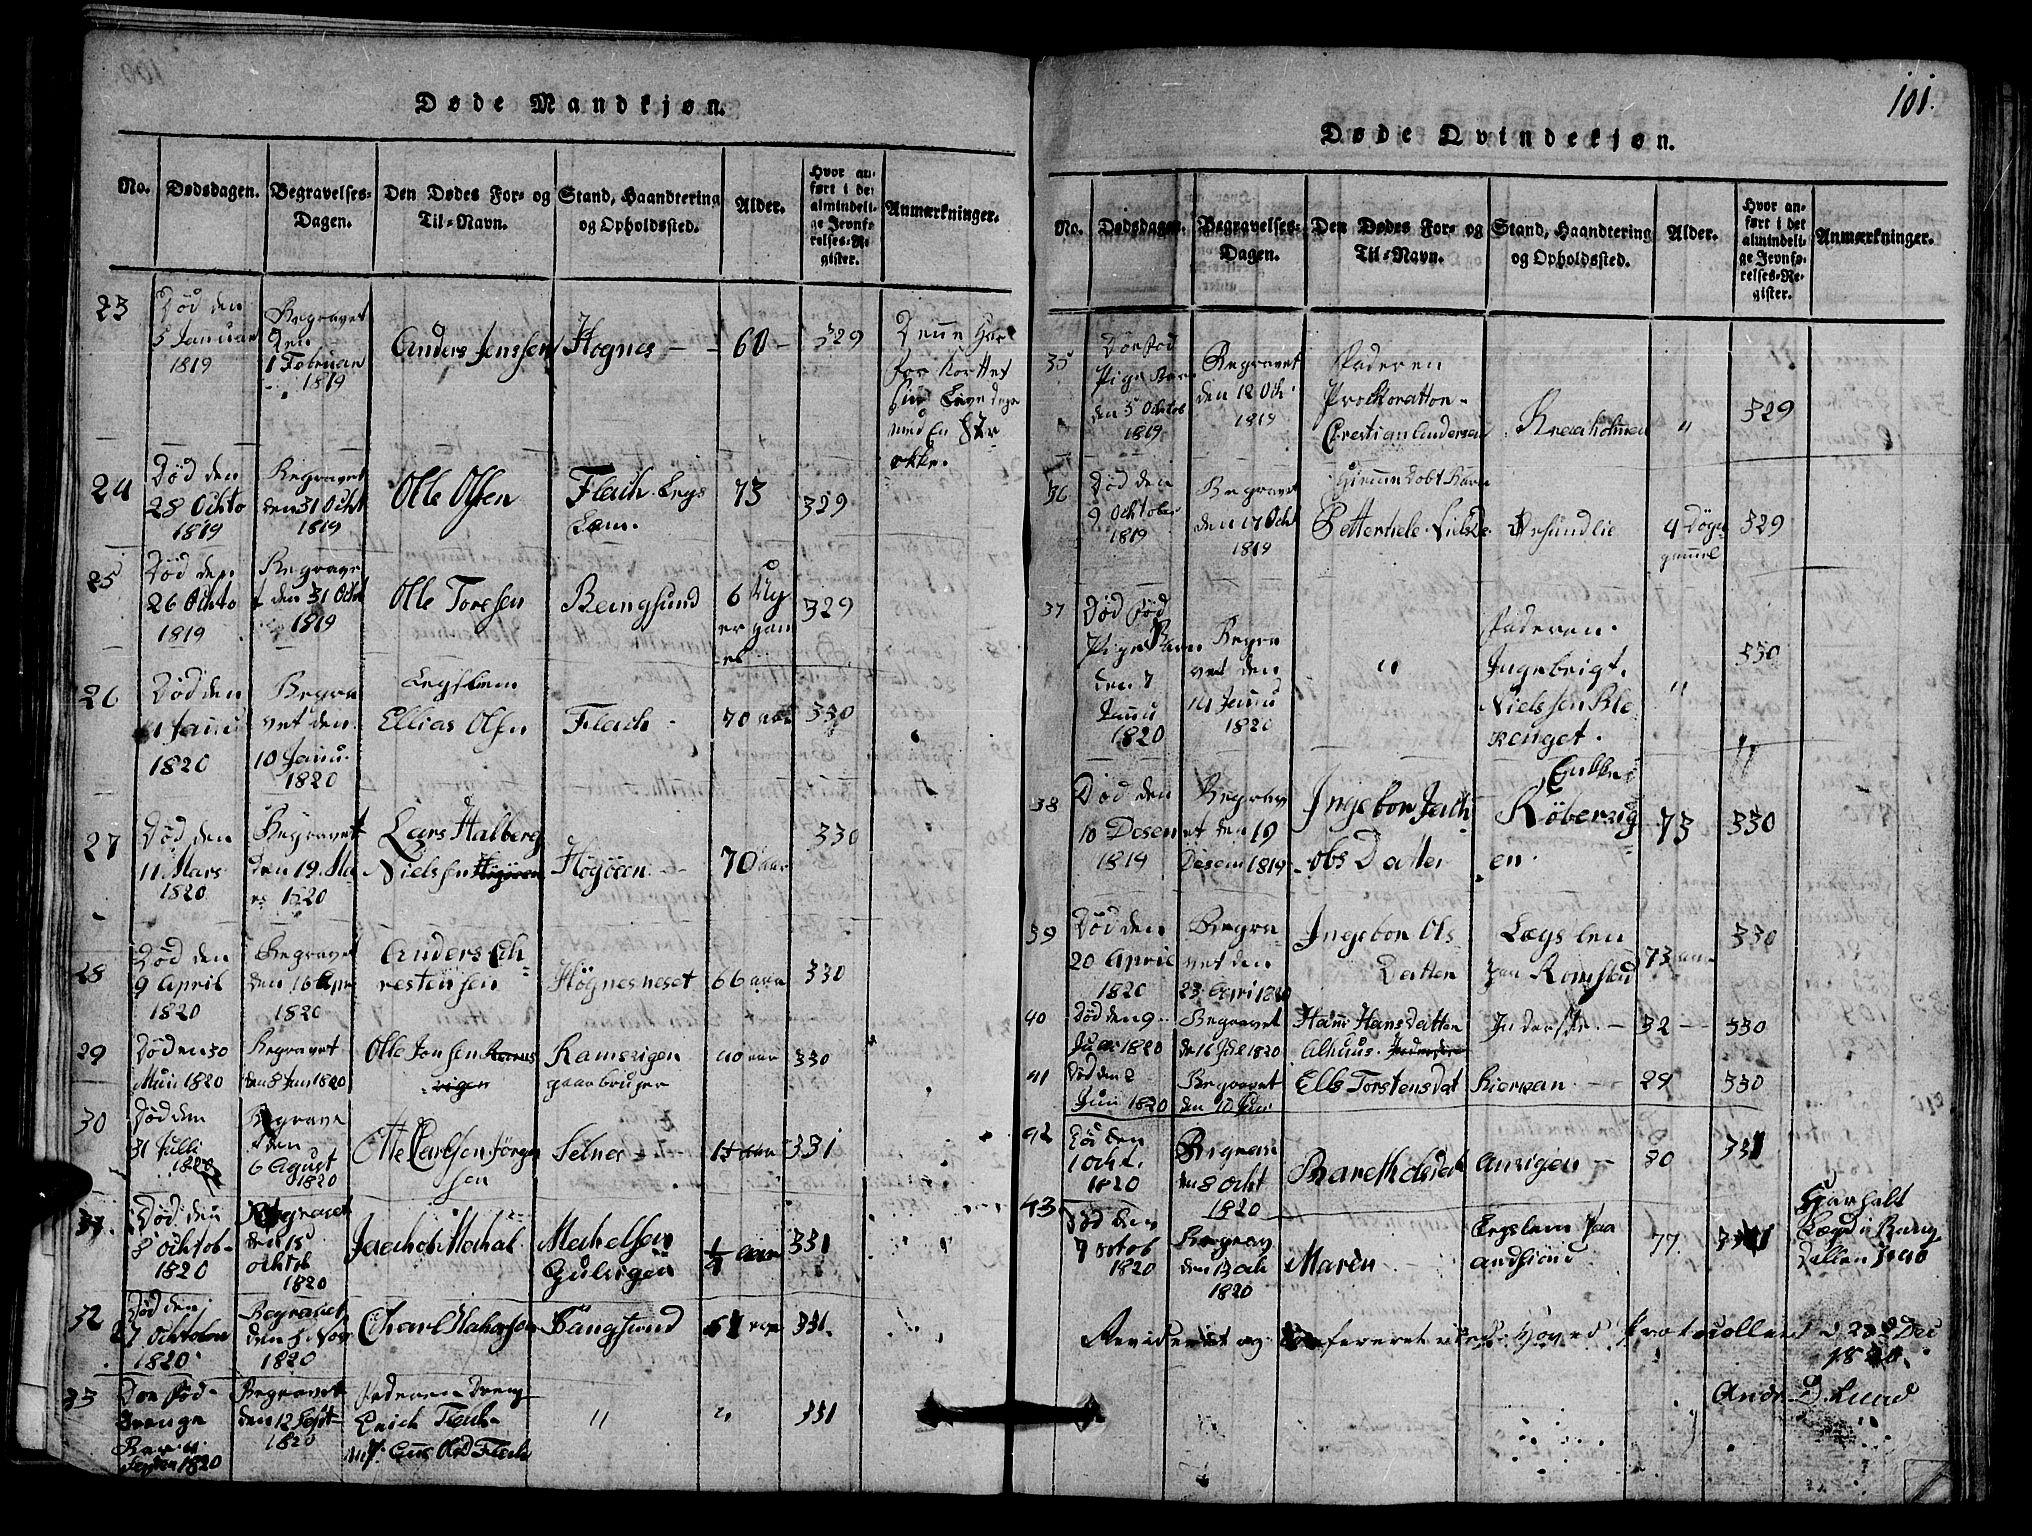 SAT, Ministerialprotokoller, klokkerbøker og fødselsregistre - Nord-Trøndelag, 770/L0590: Klokkerbok nr. 770C01, 1815-1824, s. 101